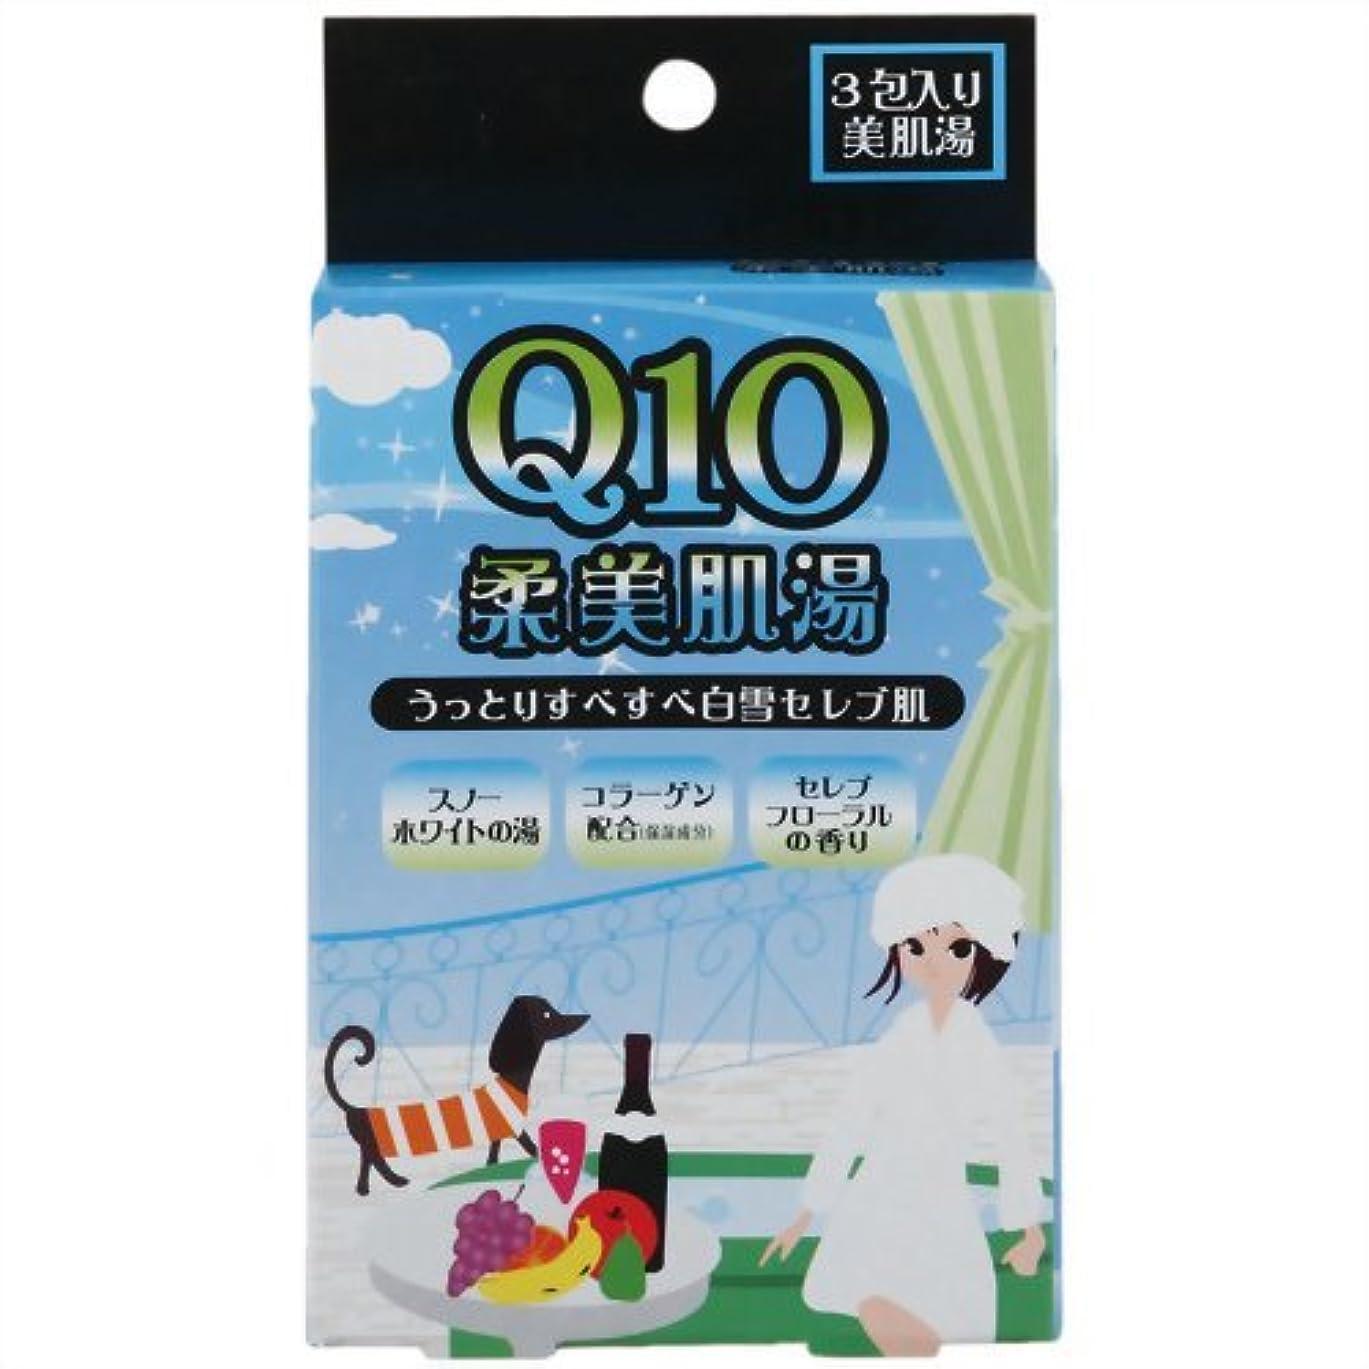 トラブル実験的名誉紀陽除虫菊 Q10 柔美肌湯 (セレブフローラルの香り)【まとめ買い10個セット】 N-8372